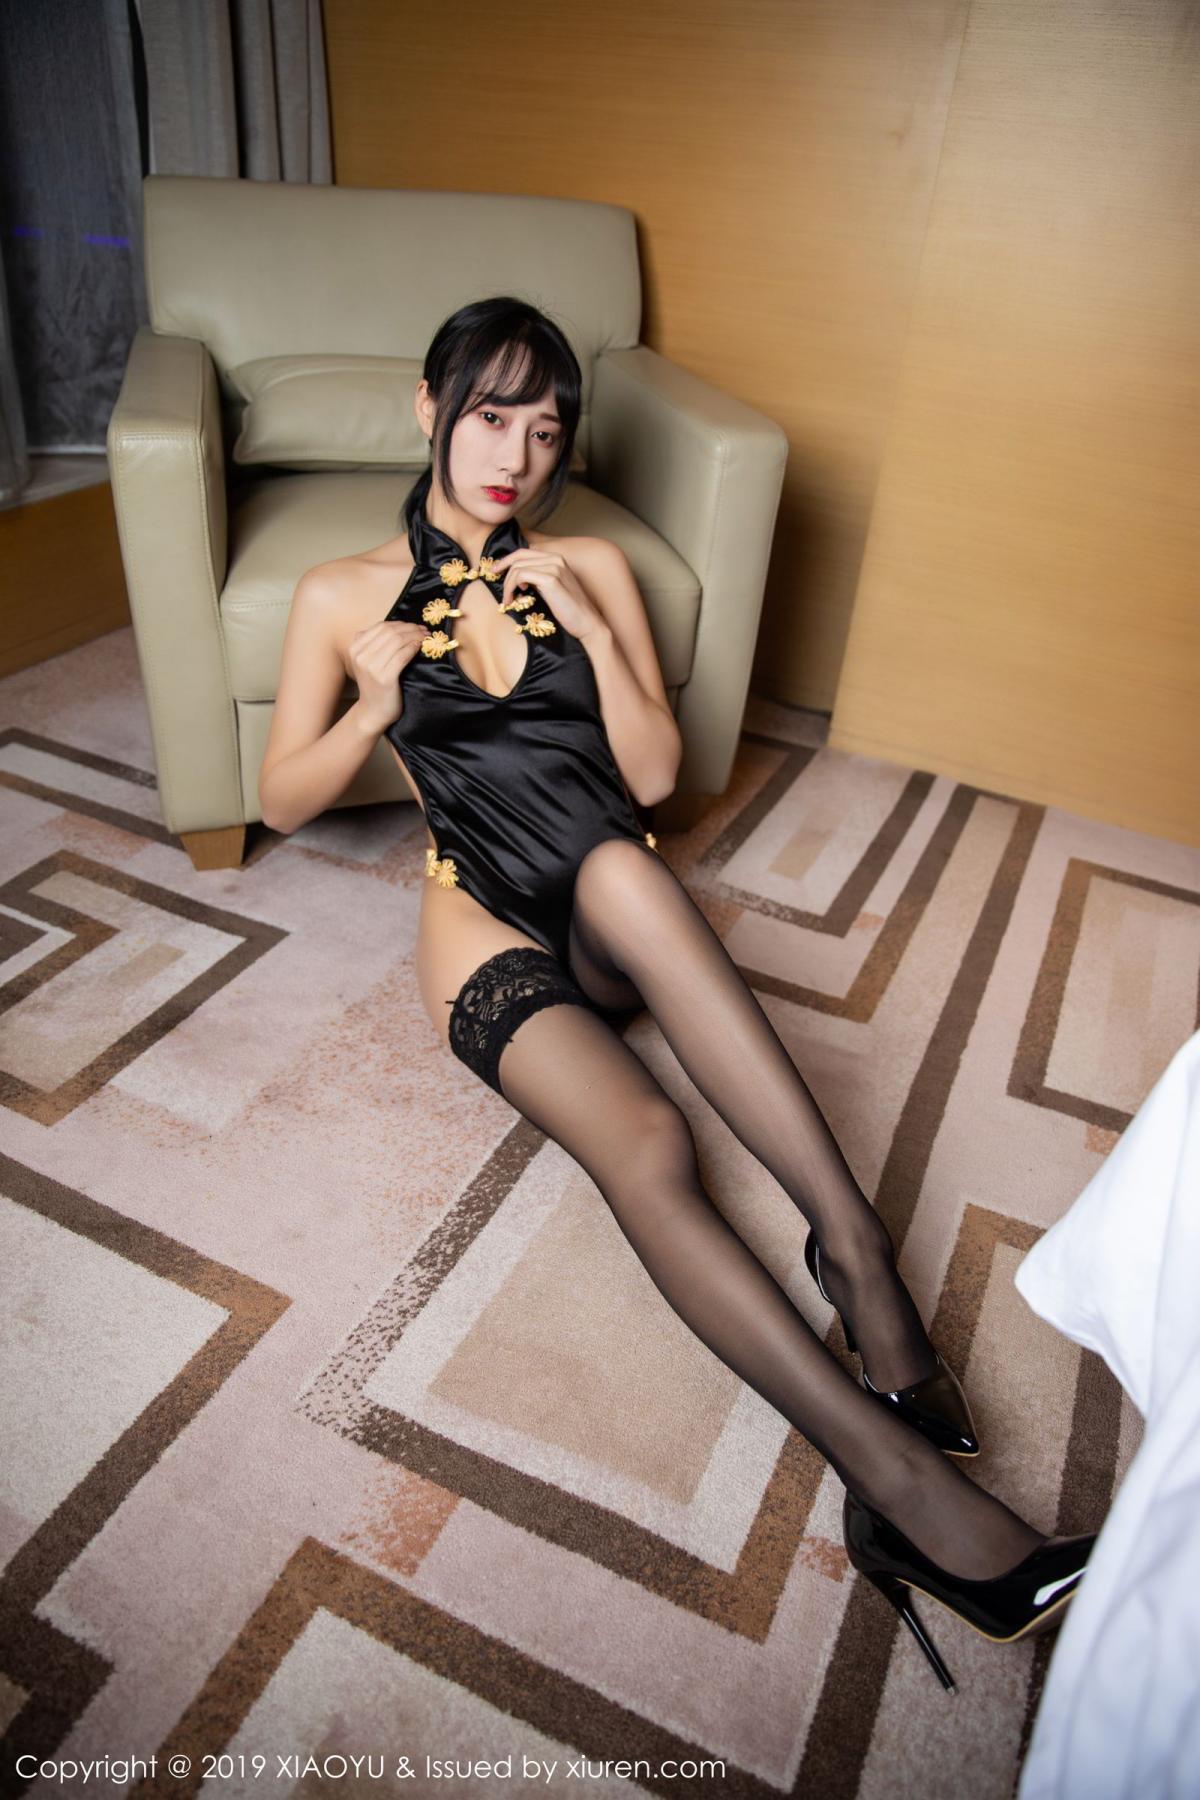 [XiaoYu] Vol.170 He Jia Ying 21P, He Jia Ying, Tall, XiaoYu